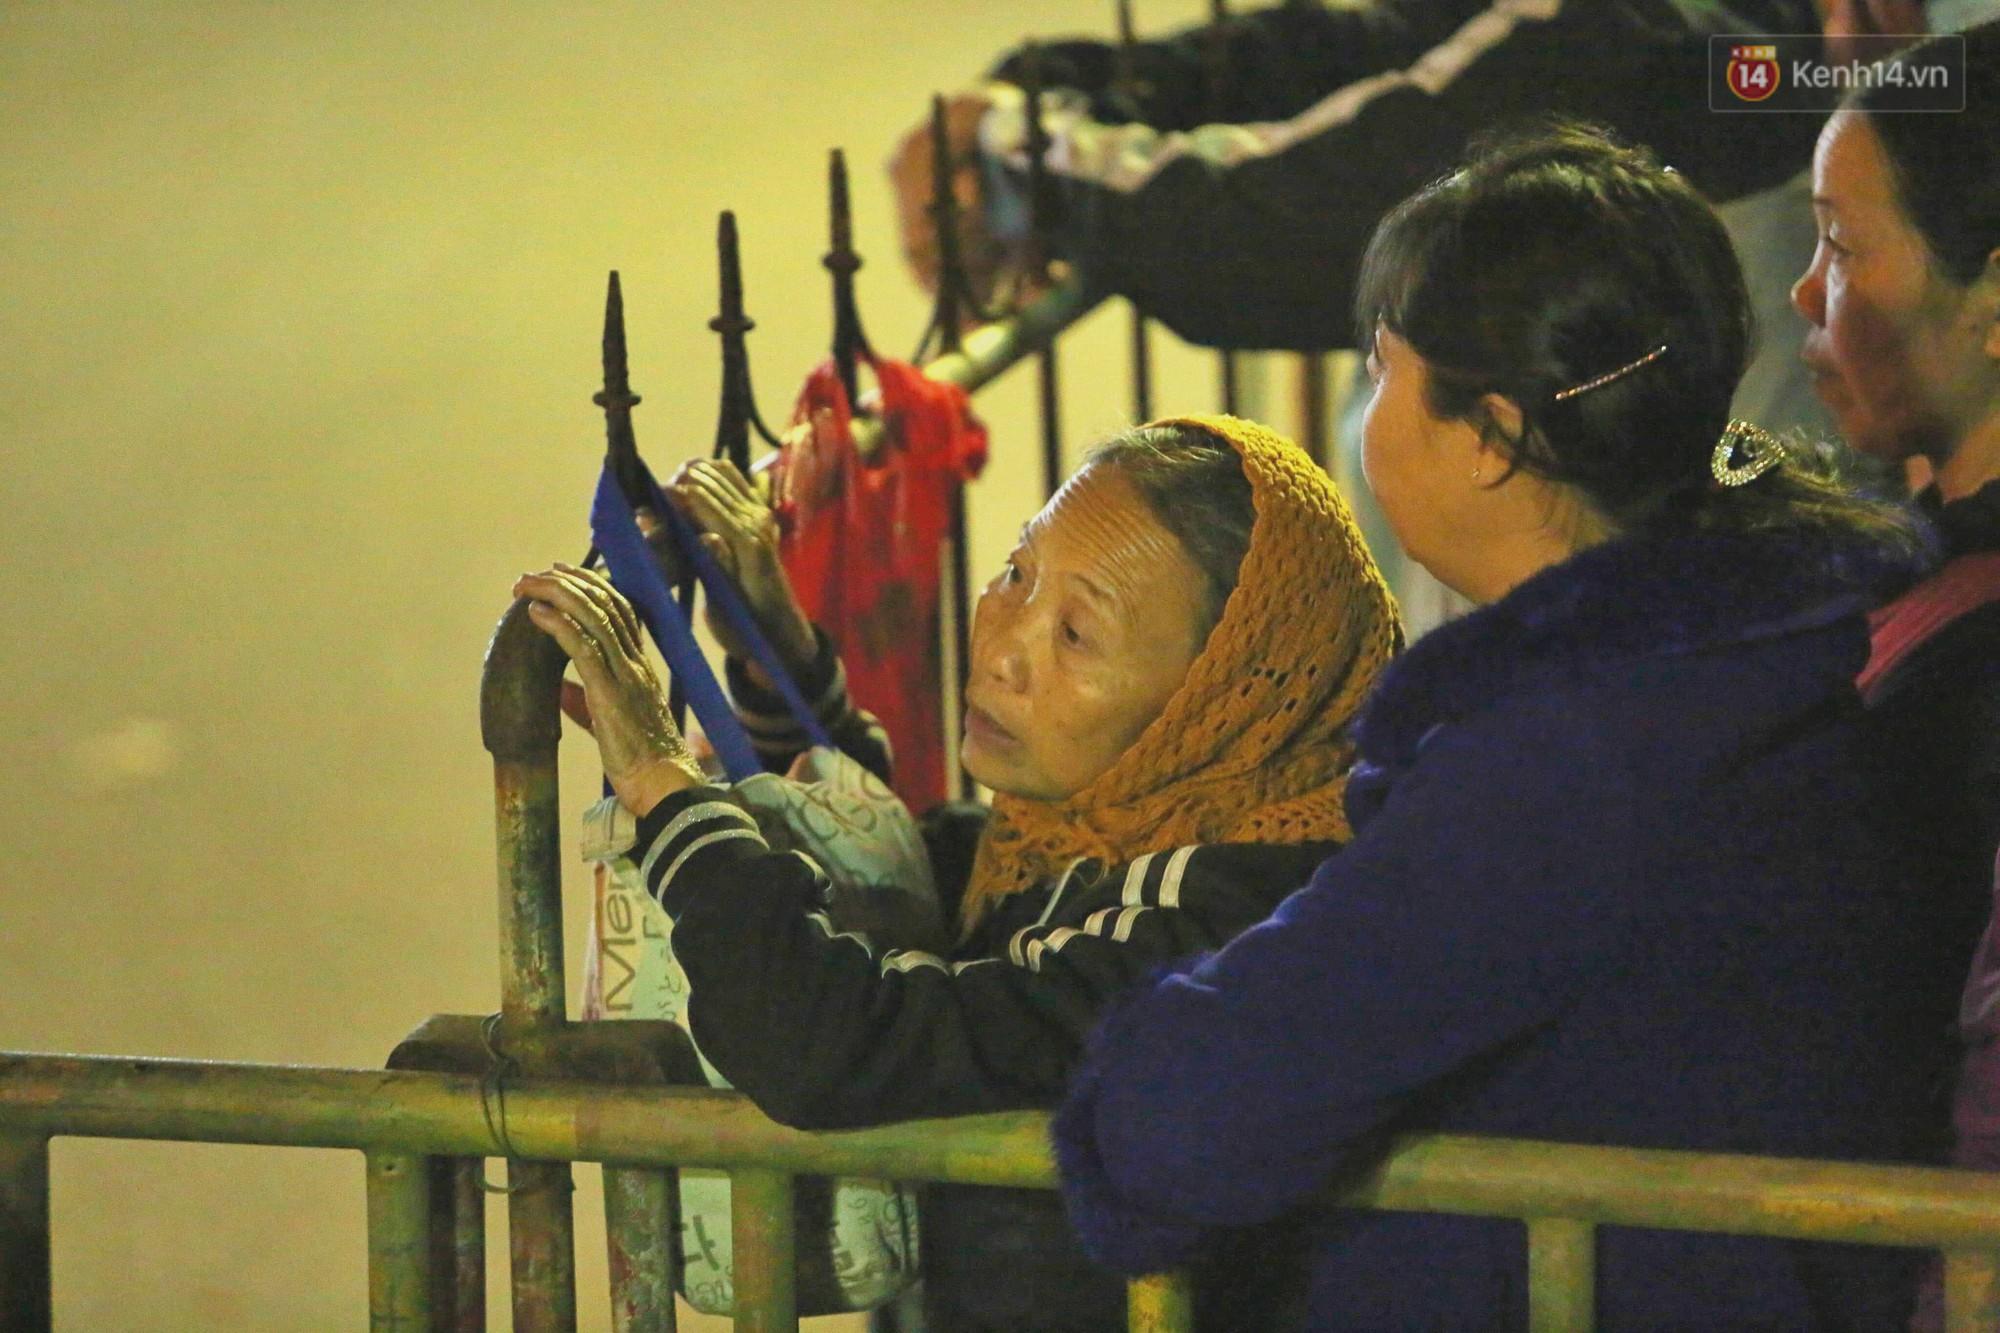 Người dân ném tiền vào kiệu ấn trước giờ khai hội tại Đền Trần - Ảnh 22.